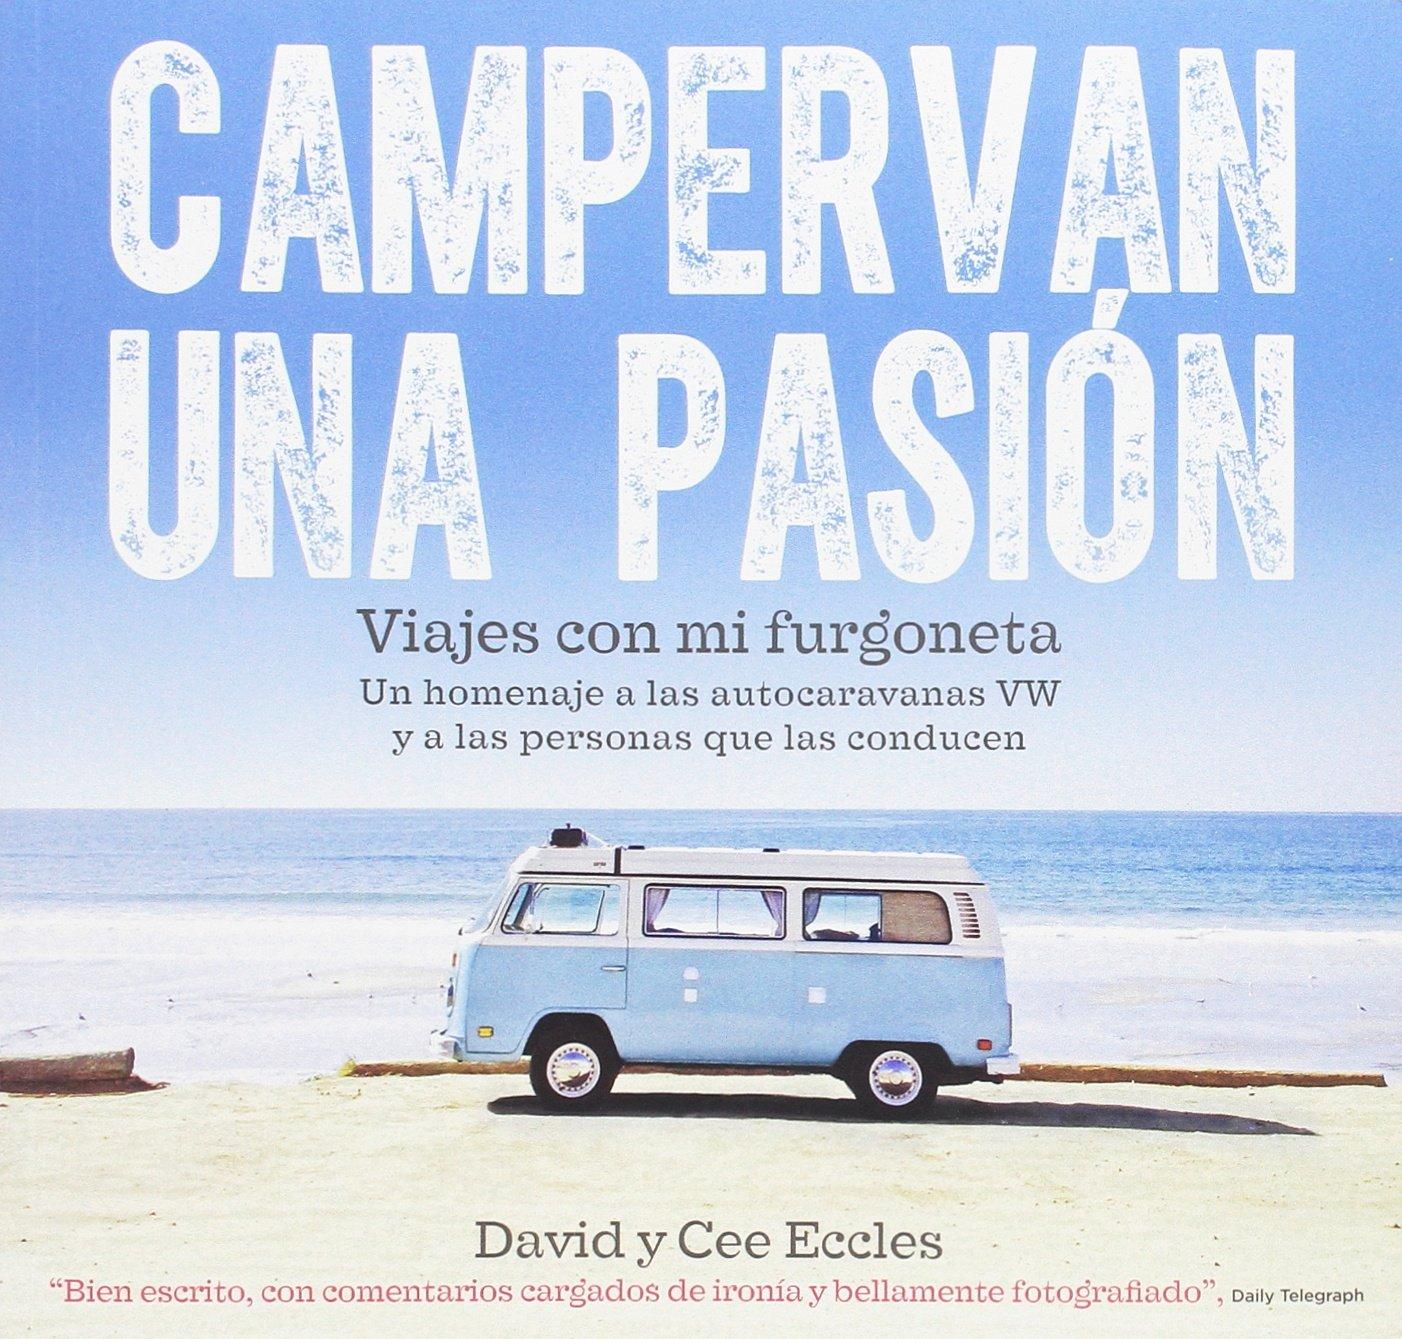 Campervan una pasión: Viajes con mi furgoneta. Un homenaje a las autocaravanas VW y a las personas que las conducen: Amazon.es: Eccles, David y Cee, Di Masso Sabolo, Gerardo: Libros